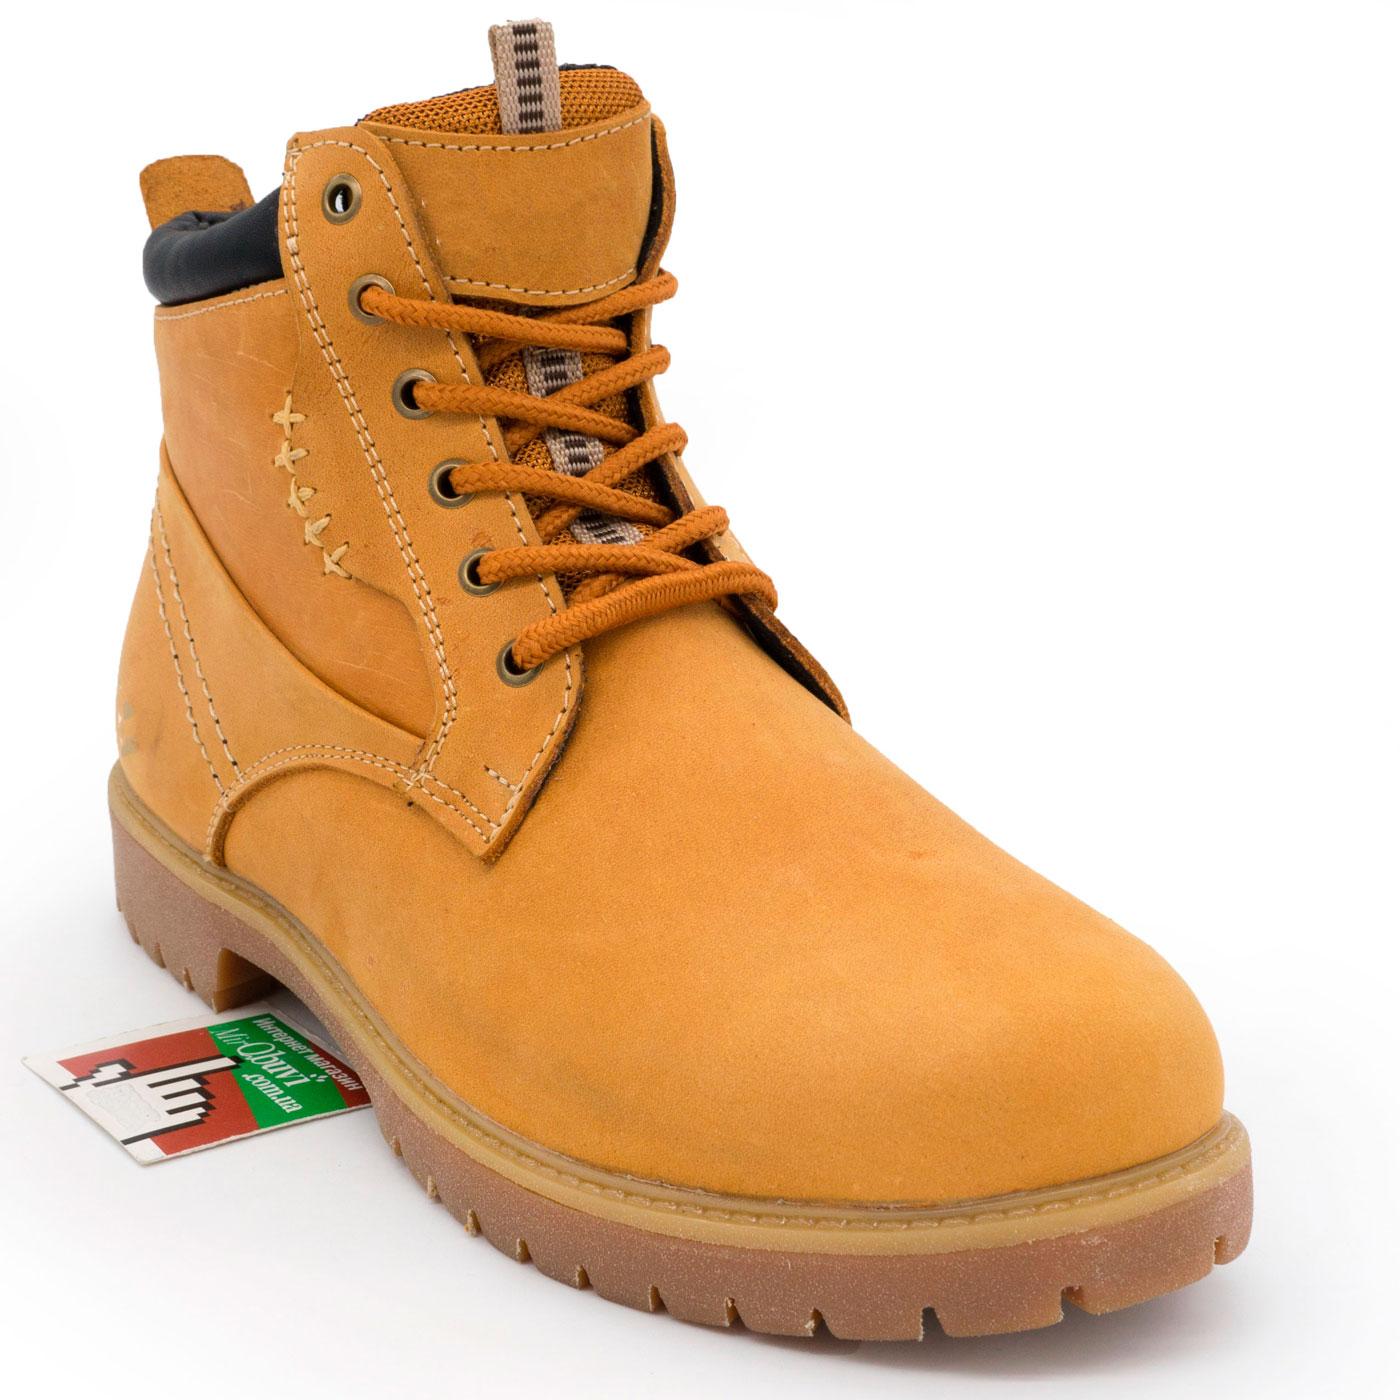 фото bottom Желтые кожаные женские ботинки Реплика Timberland 101 (Тимберленд)  bottom